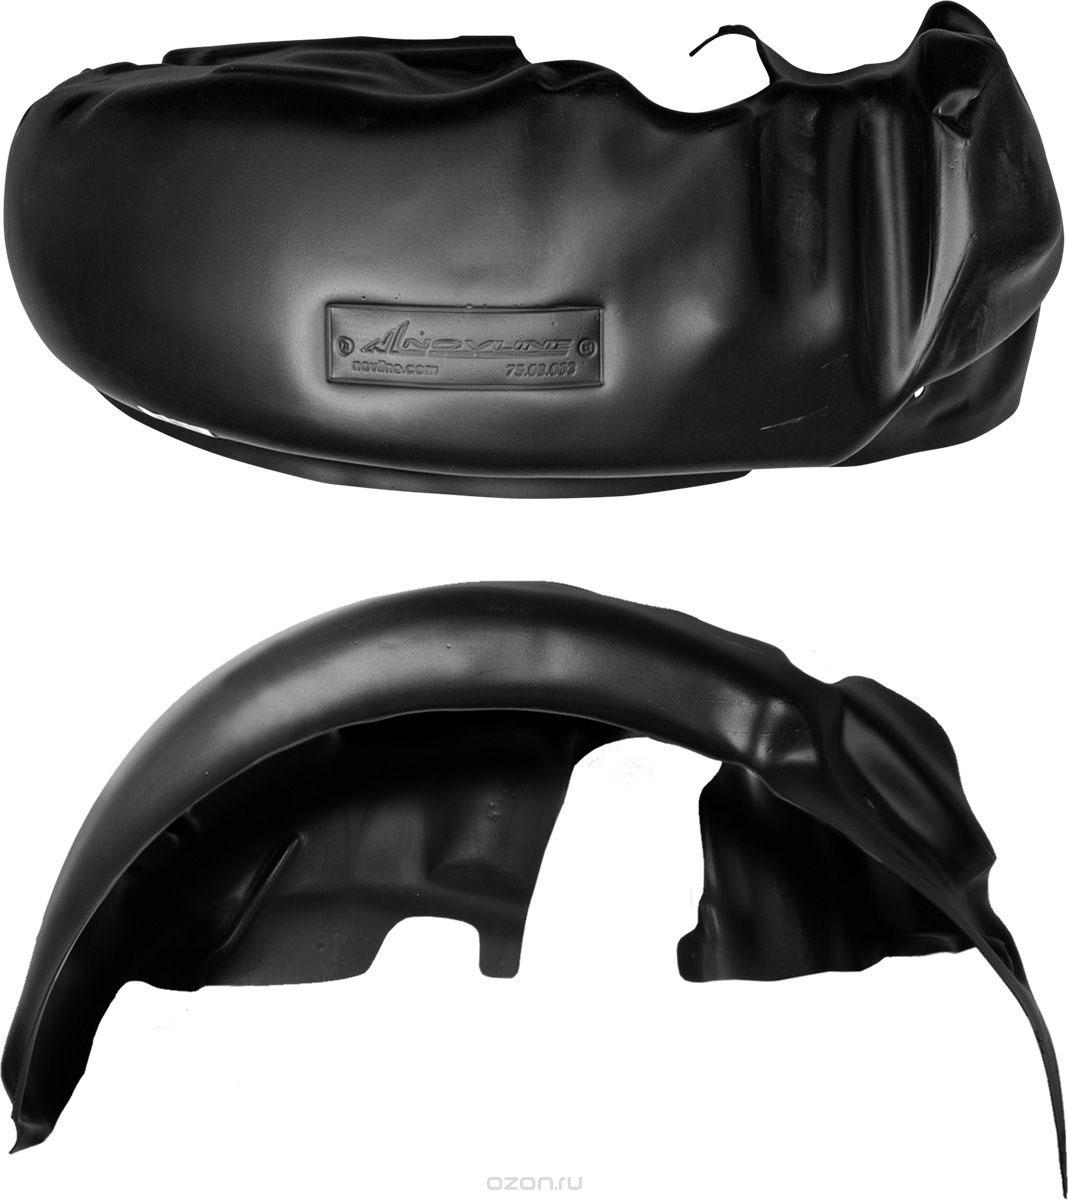 Подкрылок Novline-Autofamily, для Ford Fiesta, 2015->, седан, задний левыйNLL.16.60.003Идеальная защита колесной ниши. Локеры разработаны с применением цифровых технологий, гарантируют максимальную повторяемость поверхности арки. Изделия устанавливаются без нарушения лакокрасочного покрытия автомобиля, каждый подкрылок комплектуется крепежом. Уважаемые клиенты, обращаем ваше внимание, что фотографии на подкрылки универсальные и не отражают реальную форму изделия. При этом само изделие идет точно под размер указанного автомобиля.